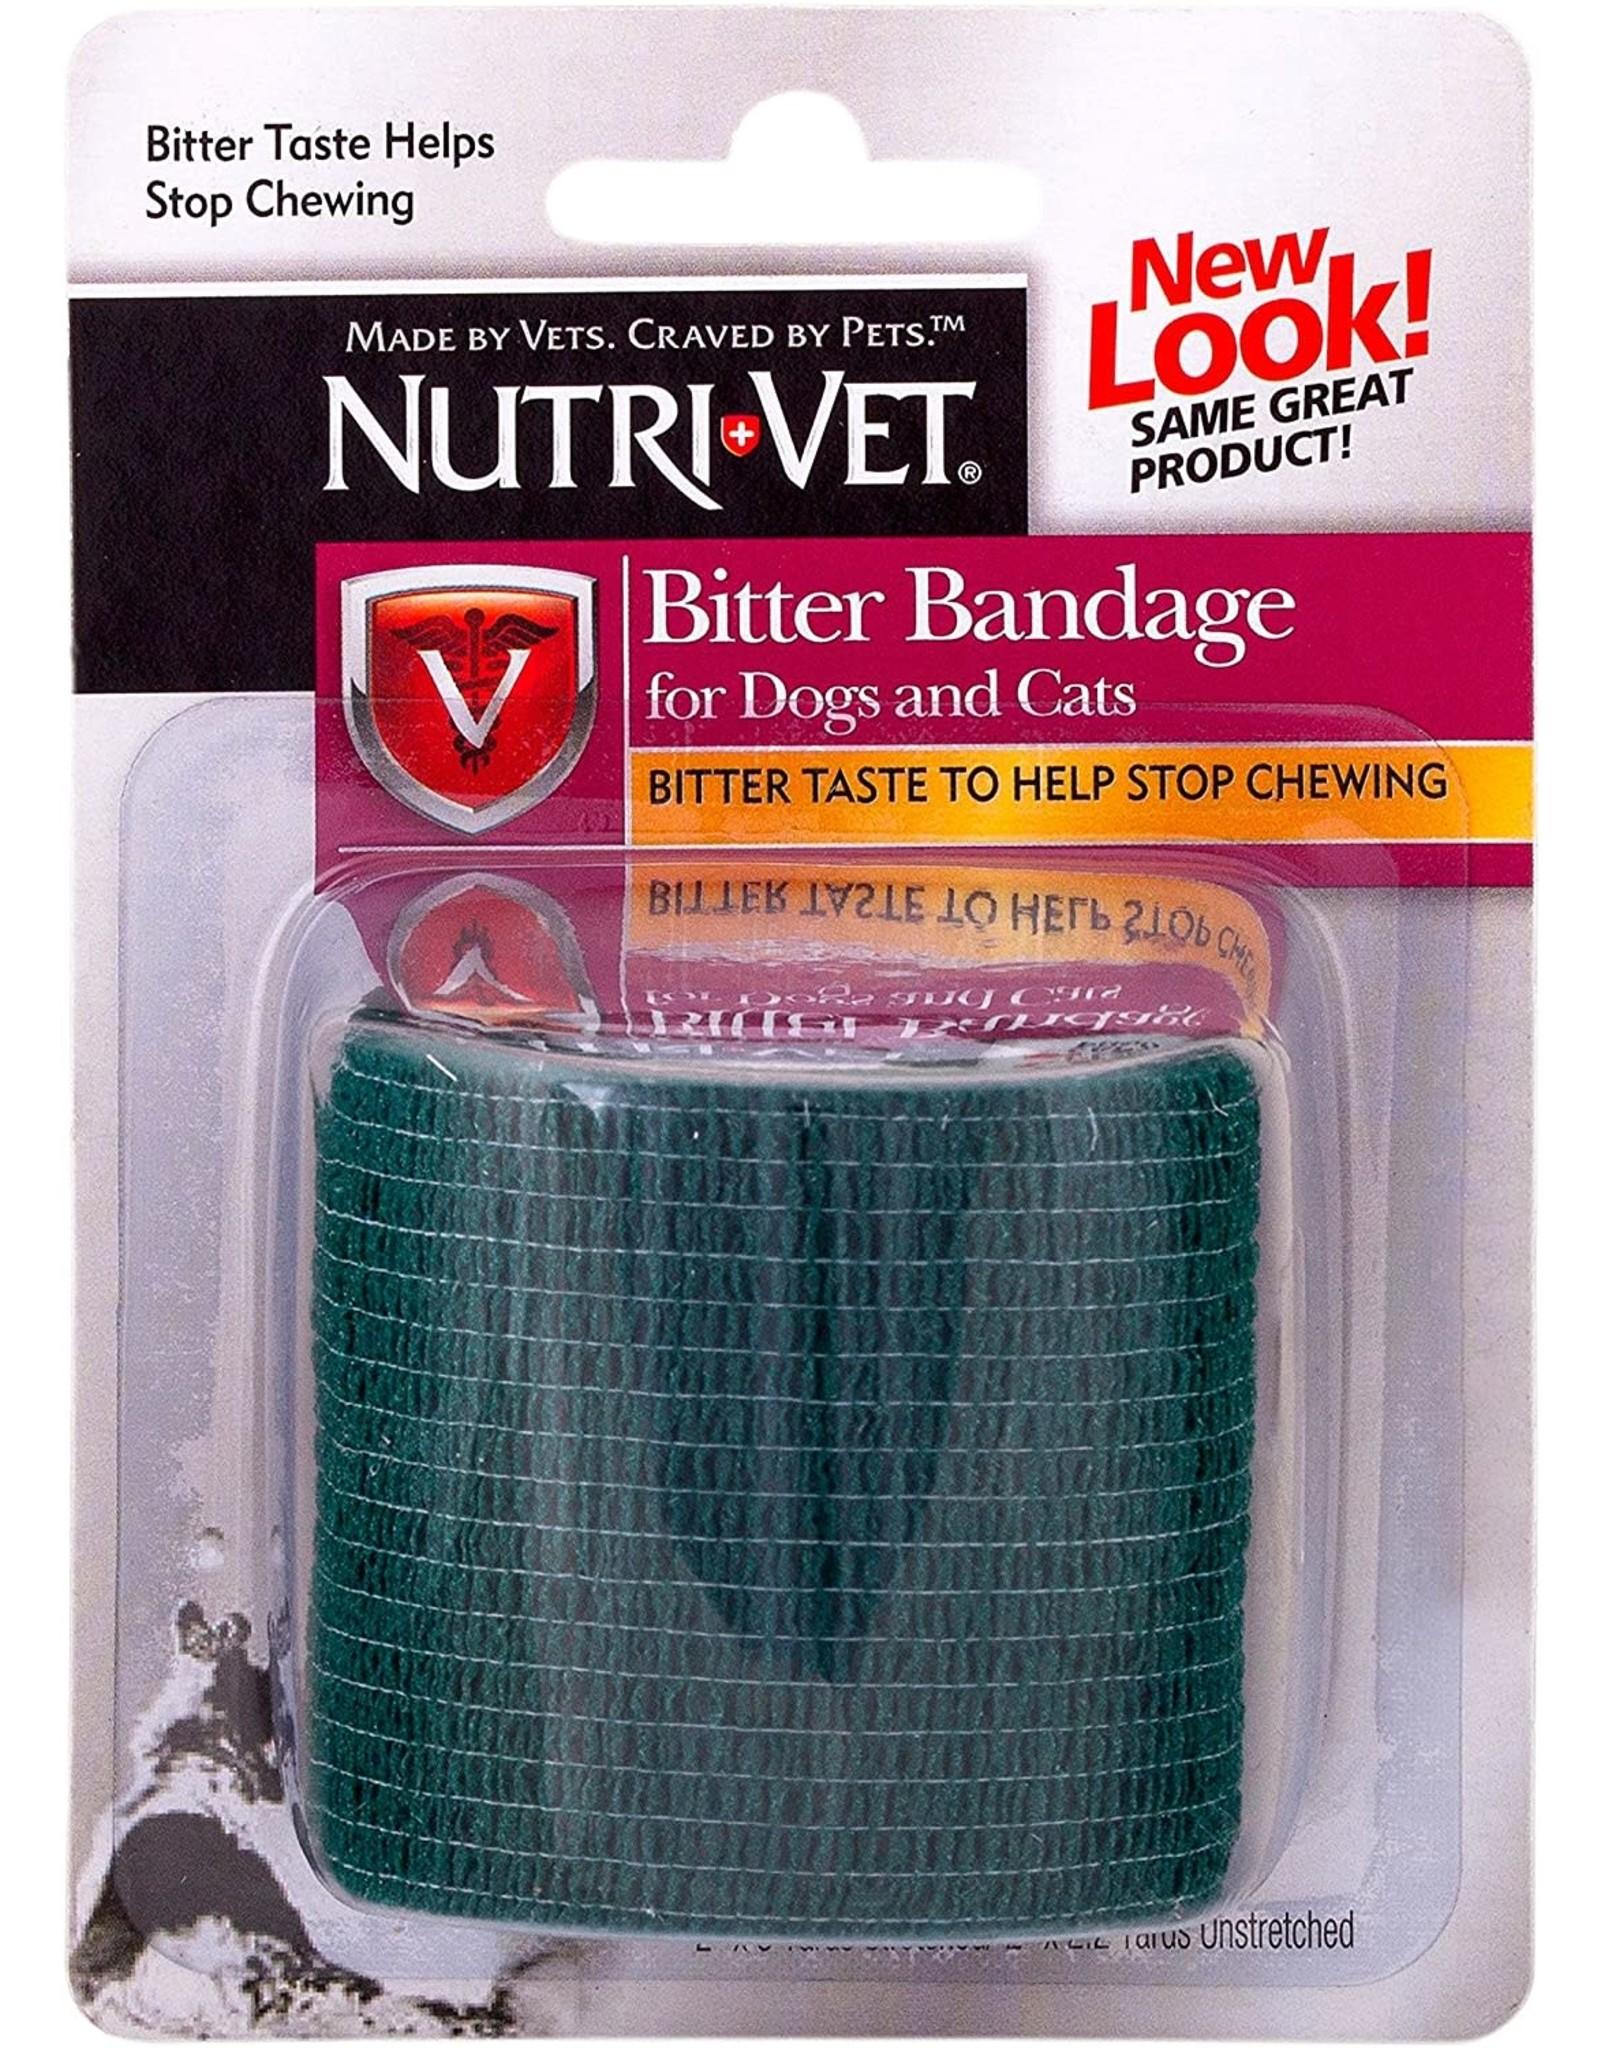 Nutri-Vet NUTRI-VET BITTER BANDAGE FOR DOGS OR CATS